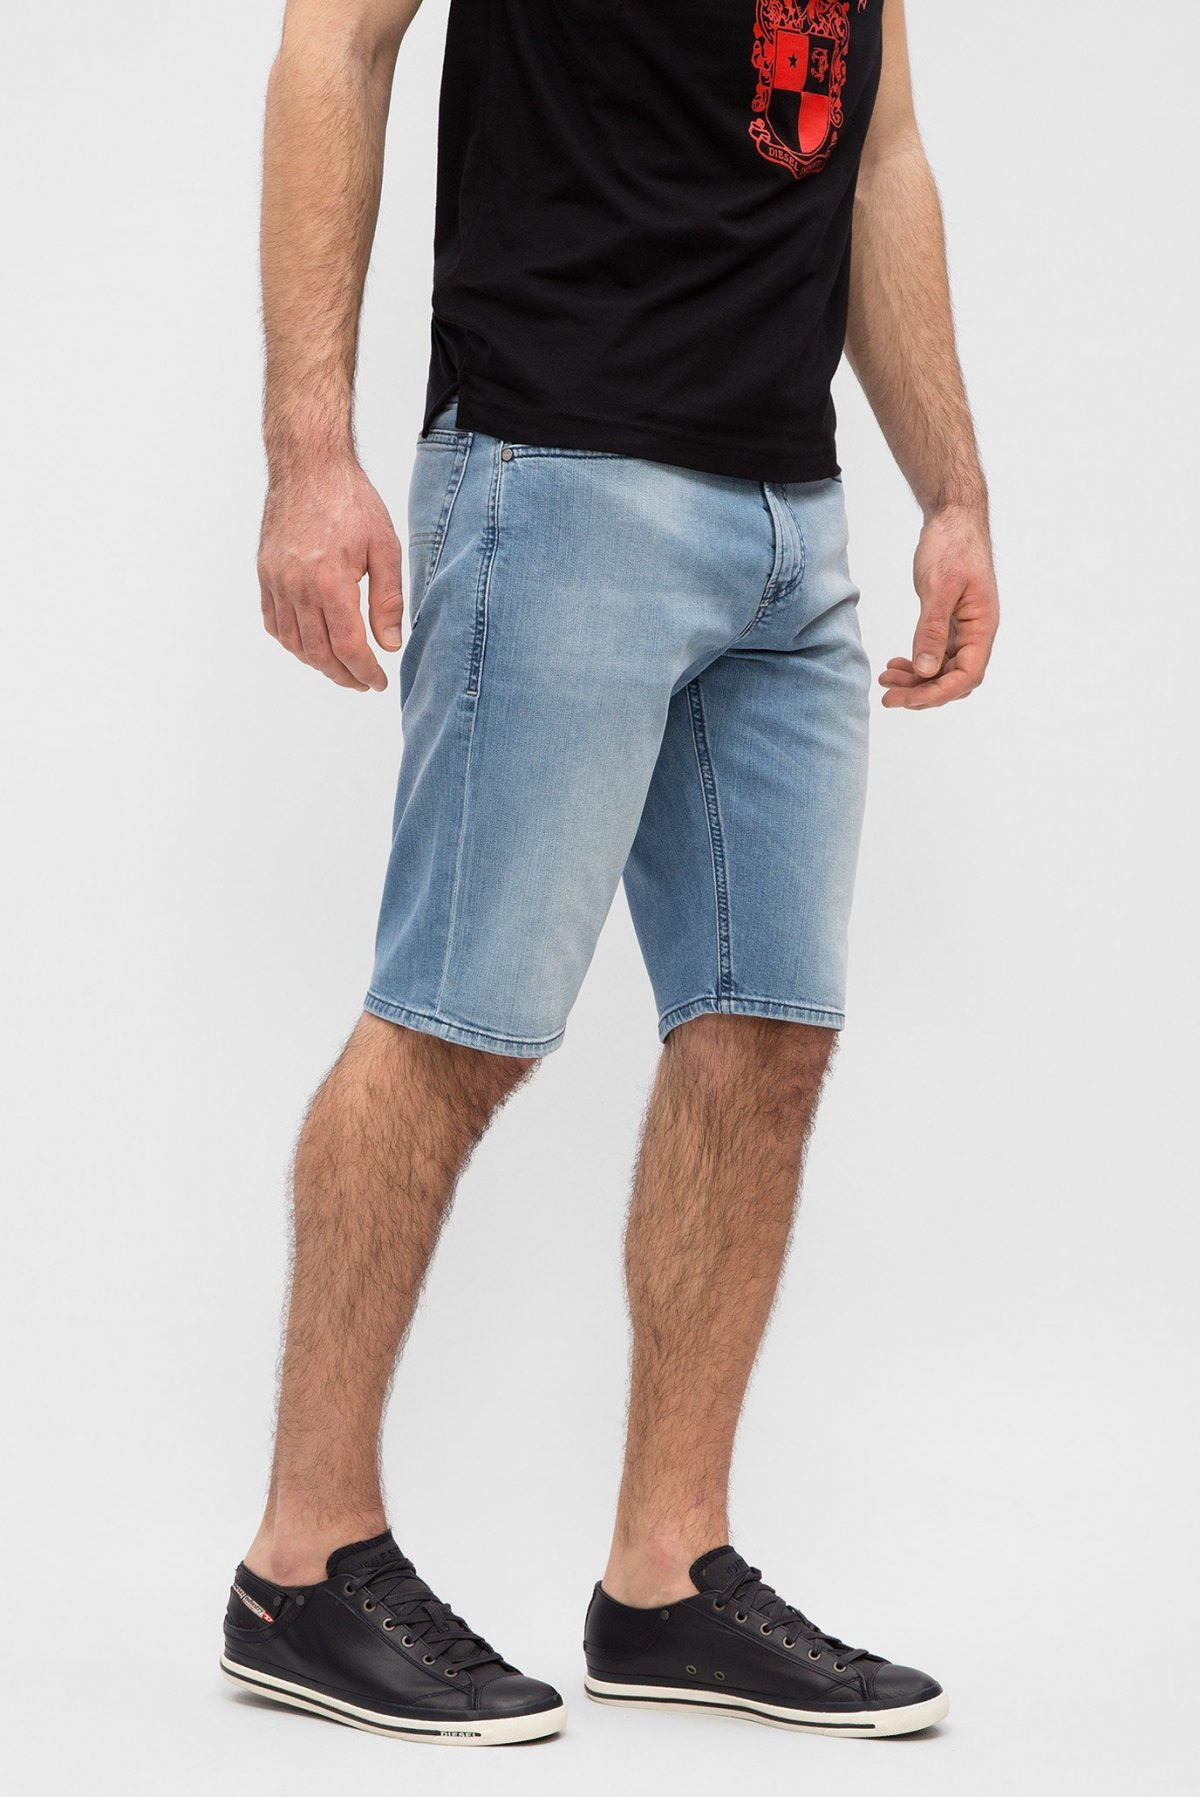 мужская мода 2018 весна лето: шорты джинсовые голубые по колено